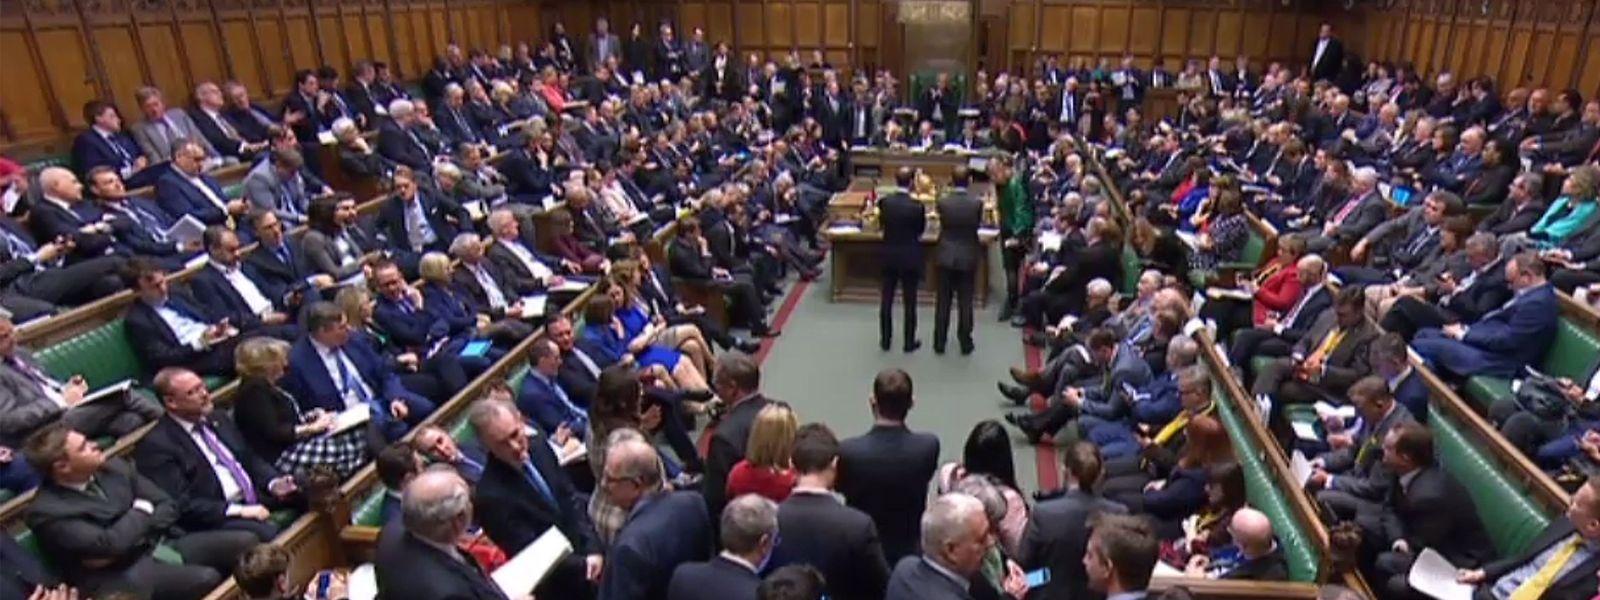 Das britische Unterhaus stimmte dafür, den Brexit frühestens Ende Juni zu vollziehen. Ursprüngliches Stichdatum war der 29. März.